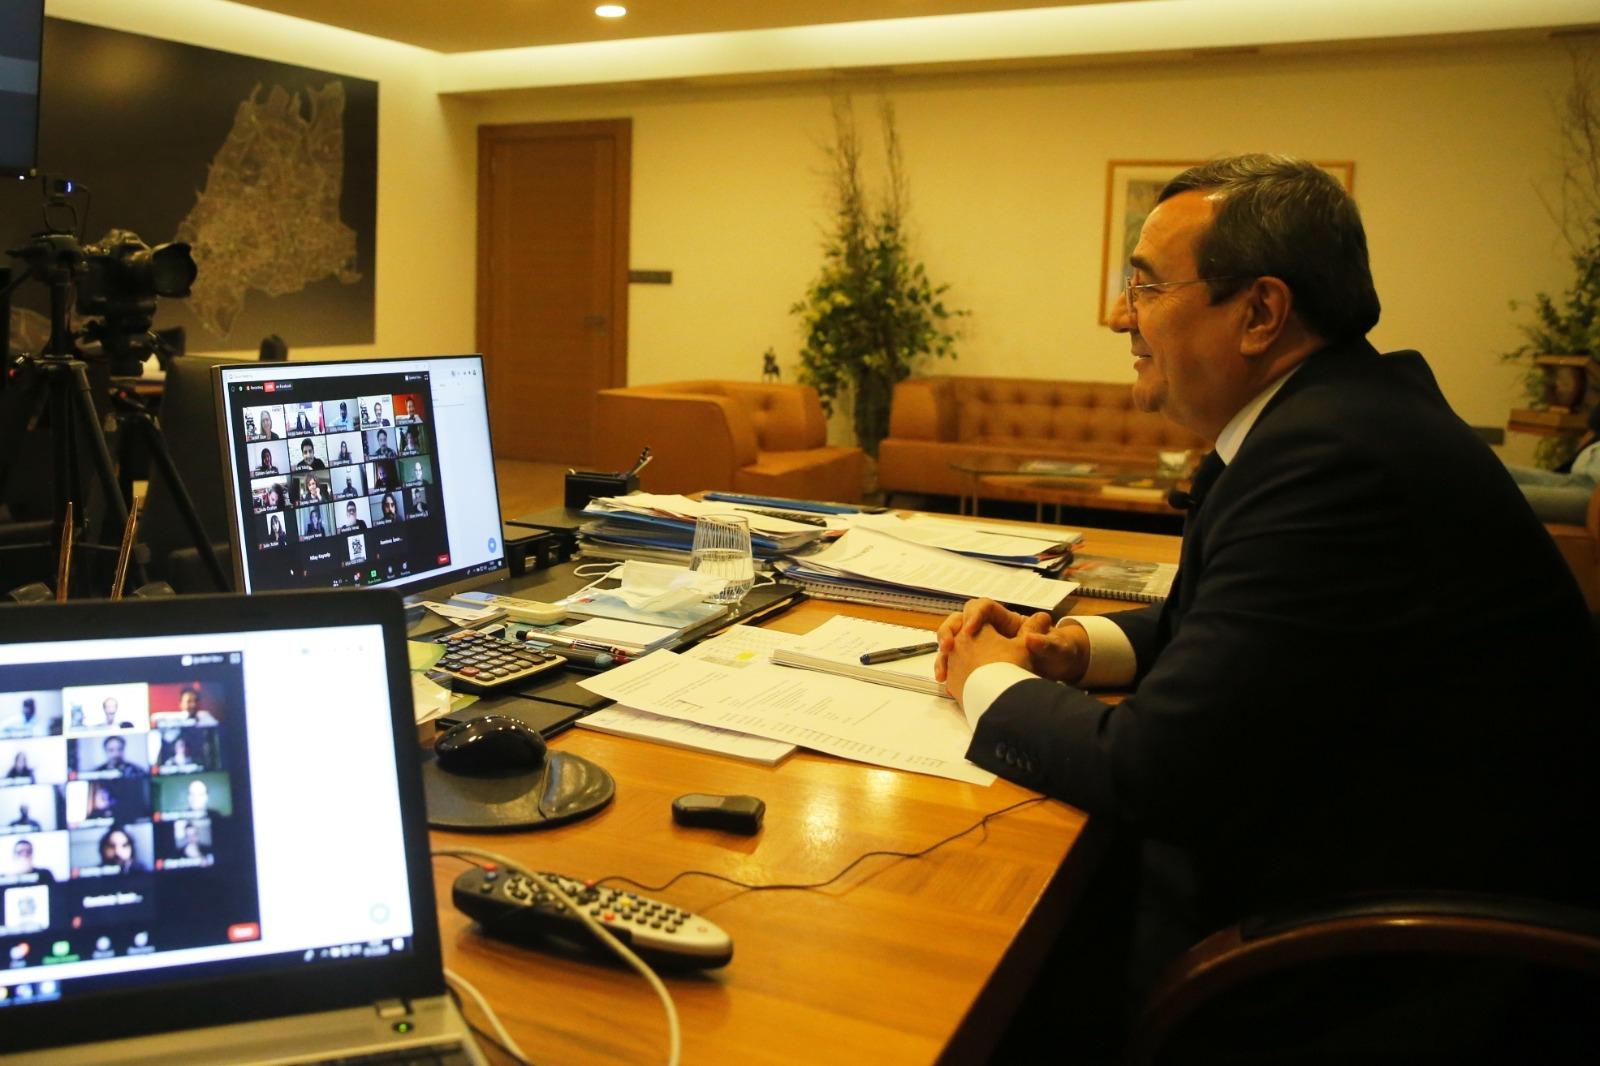 Batur: Kemeraltı açık hava film platosu olacak